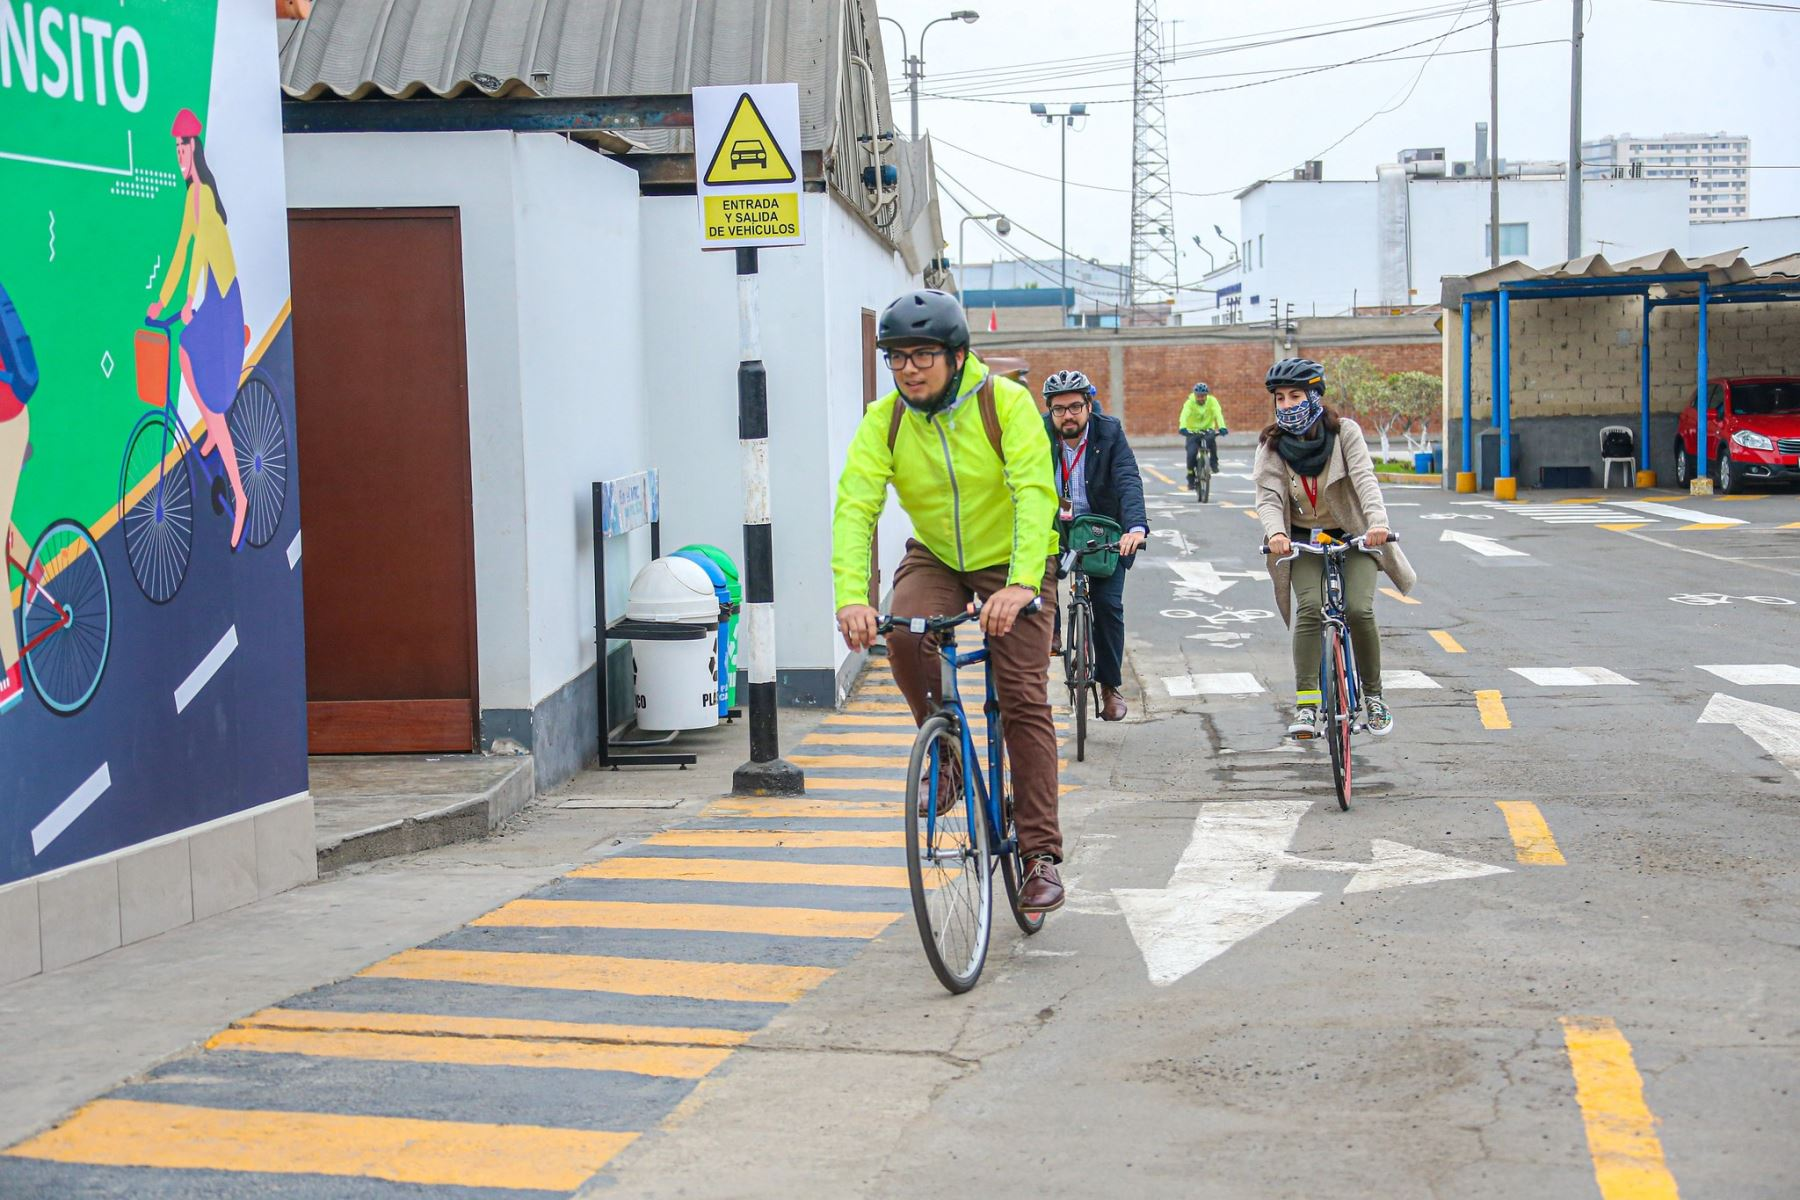 El Ministerio de Transporte y Comunicaciones (MTC) ya cuenta con un espacio para que los trabajadores de la institución que deseen desplazarse en bicicleta al trabajo la estacionen con seguridad.